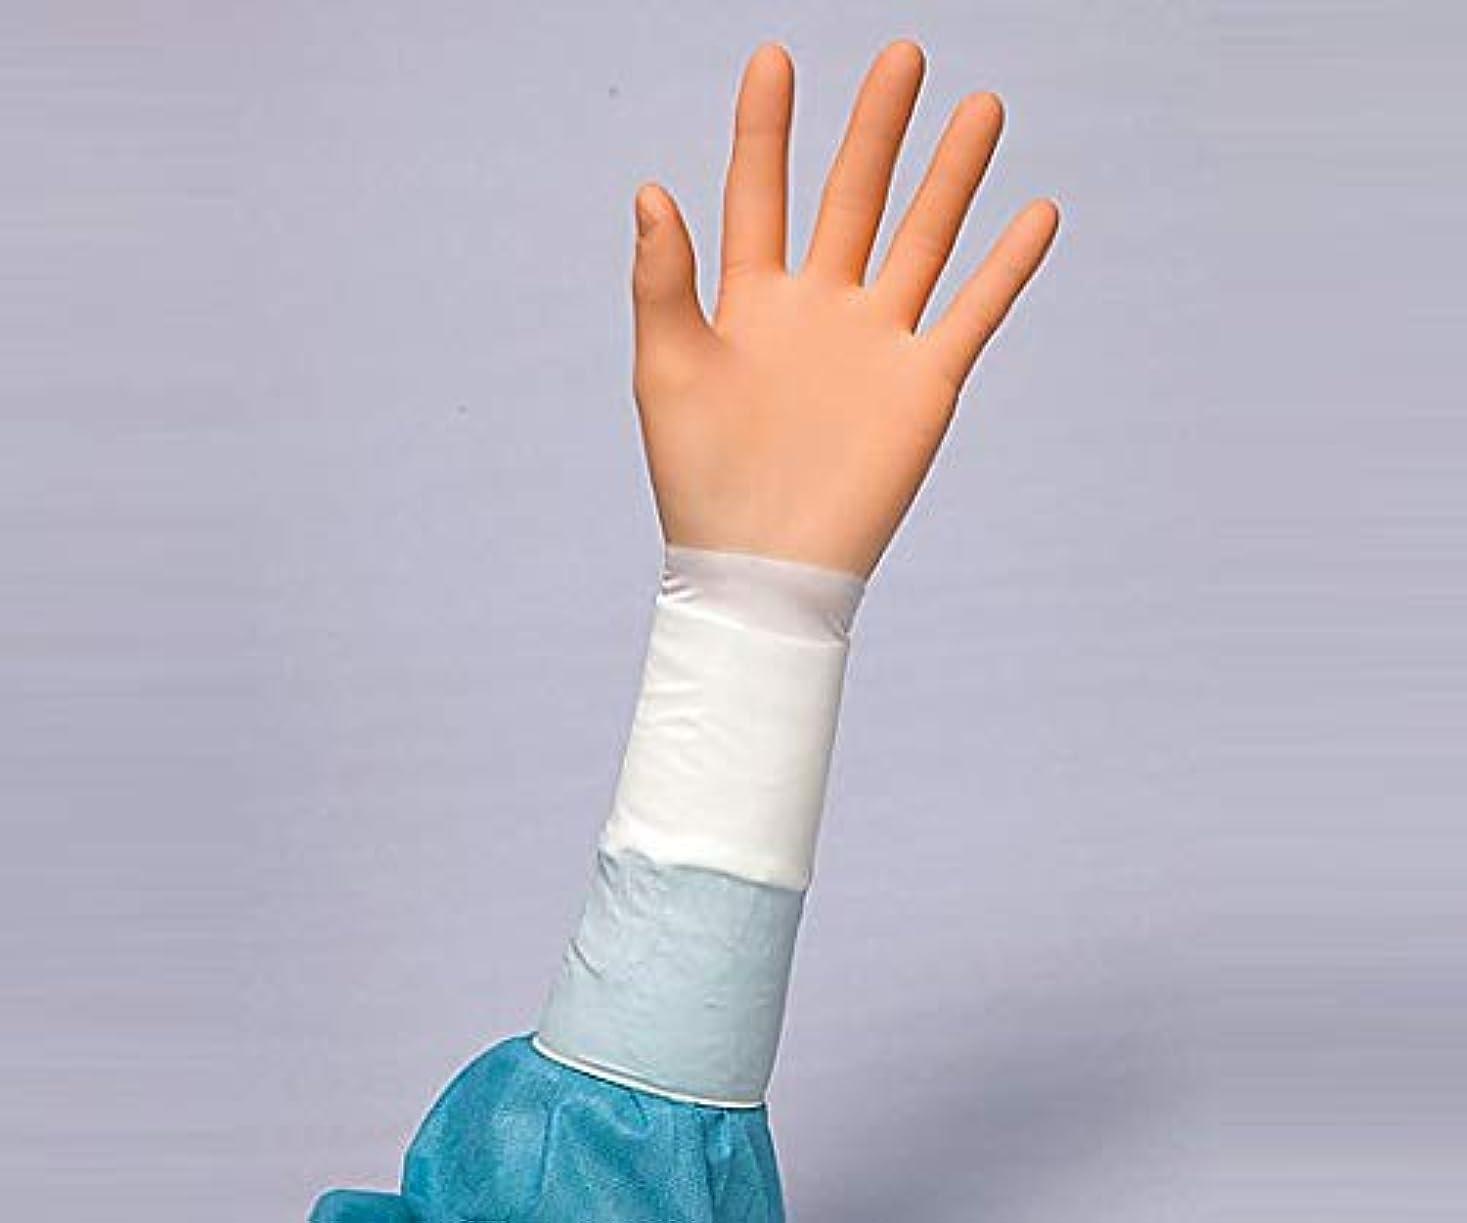 厳密に寓話死んでいるエンブレム手術用手袋PF 20双 7.5